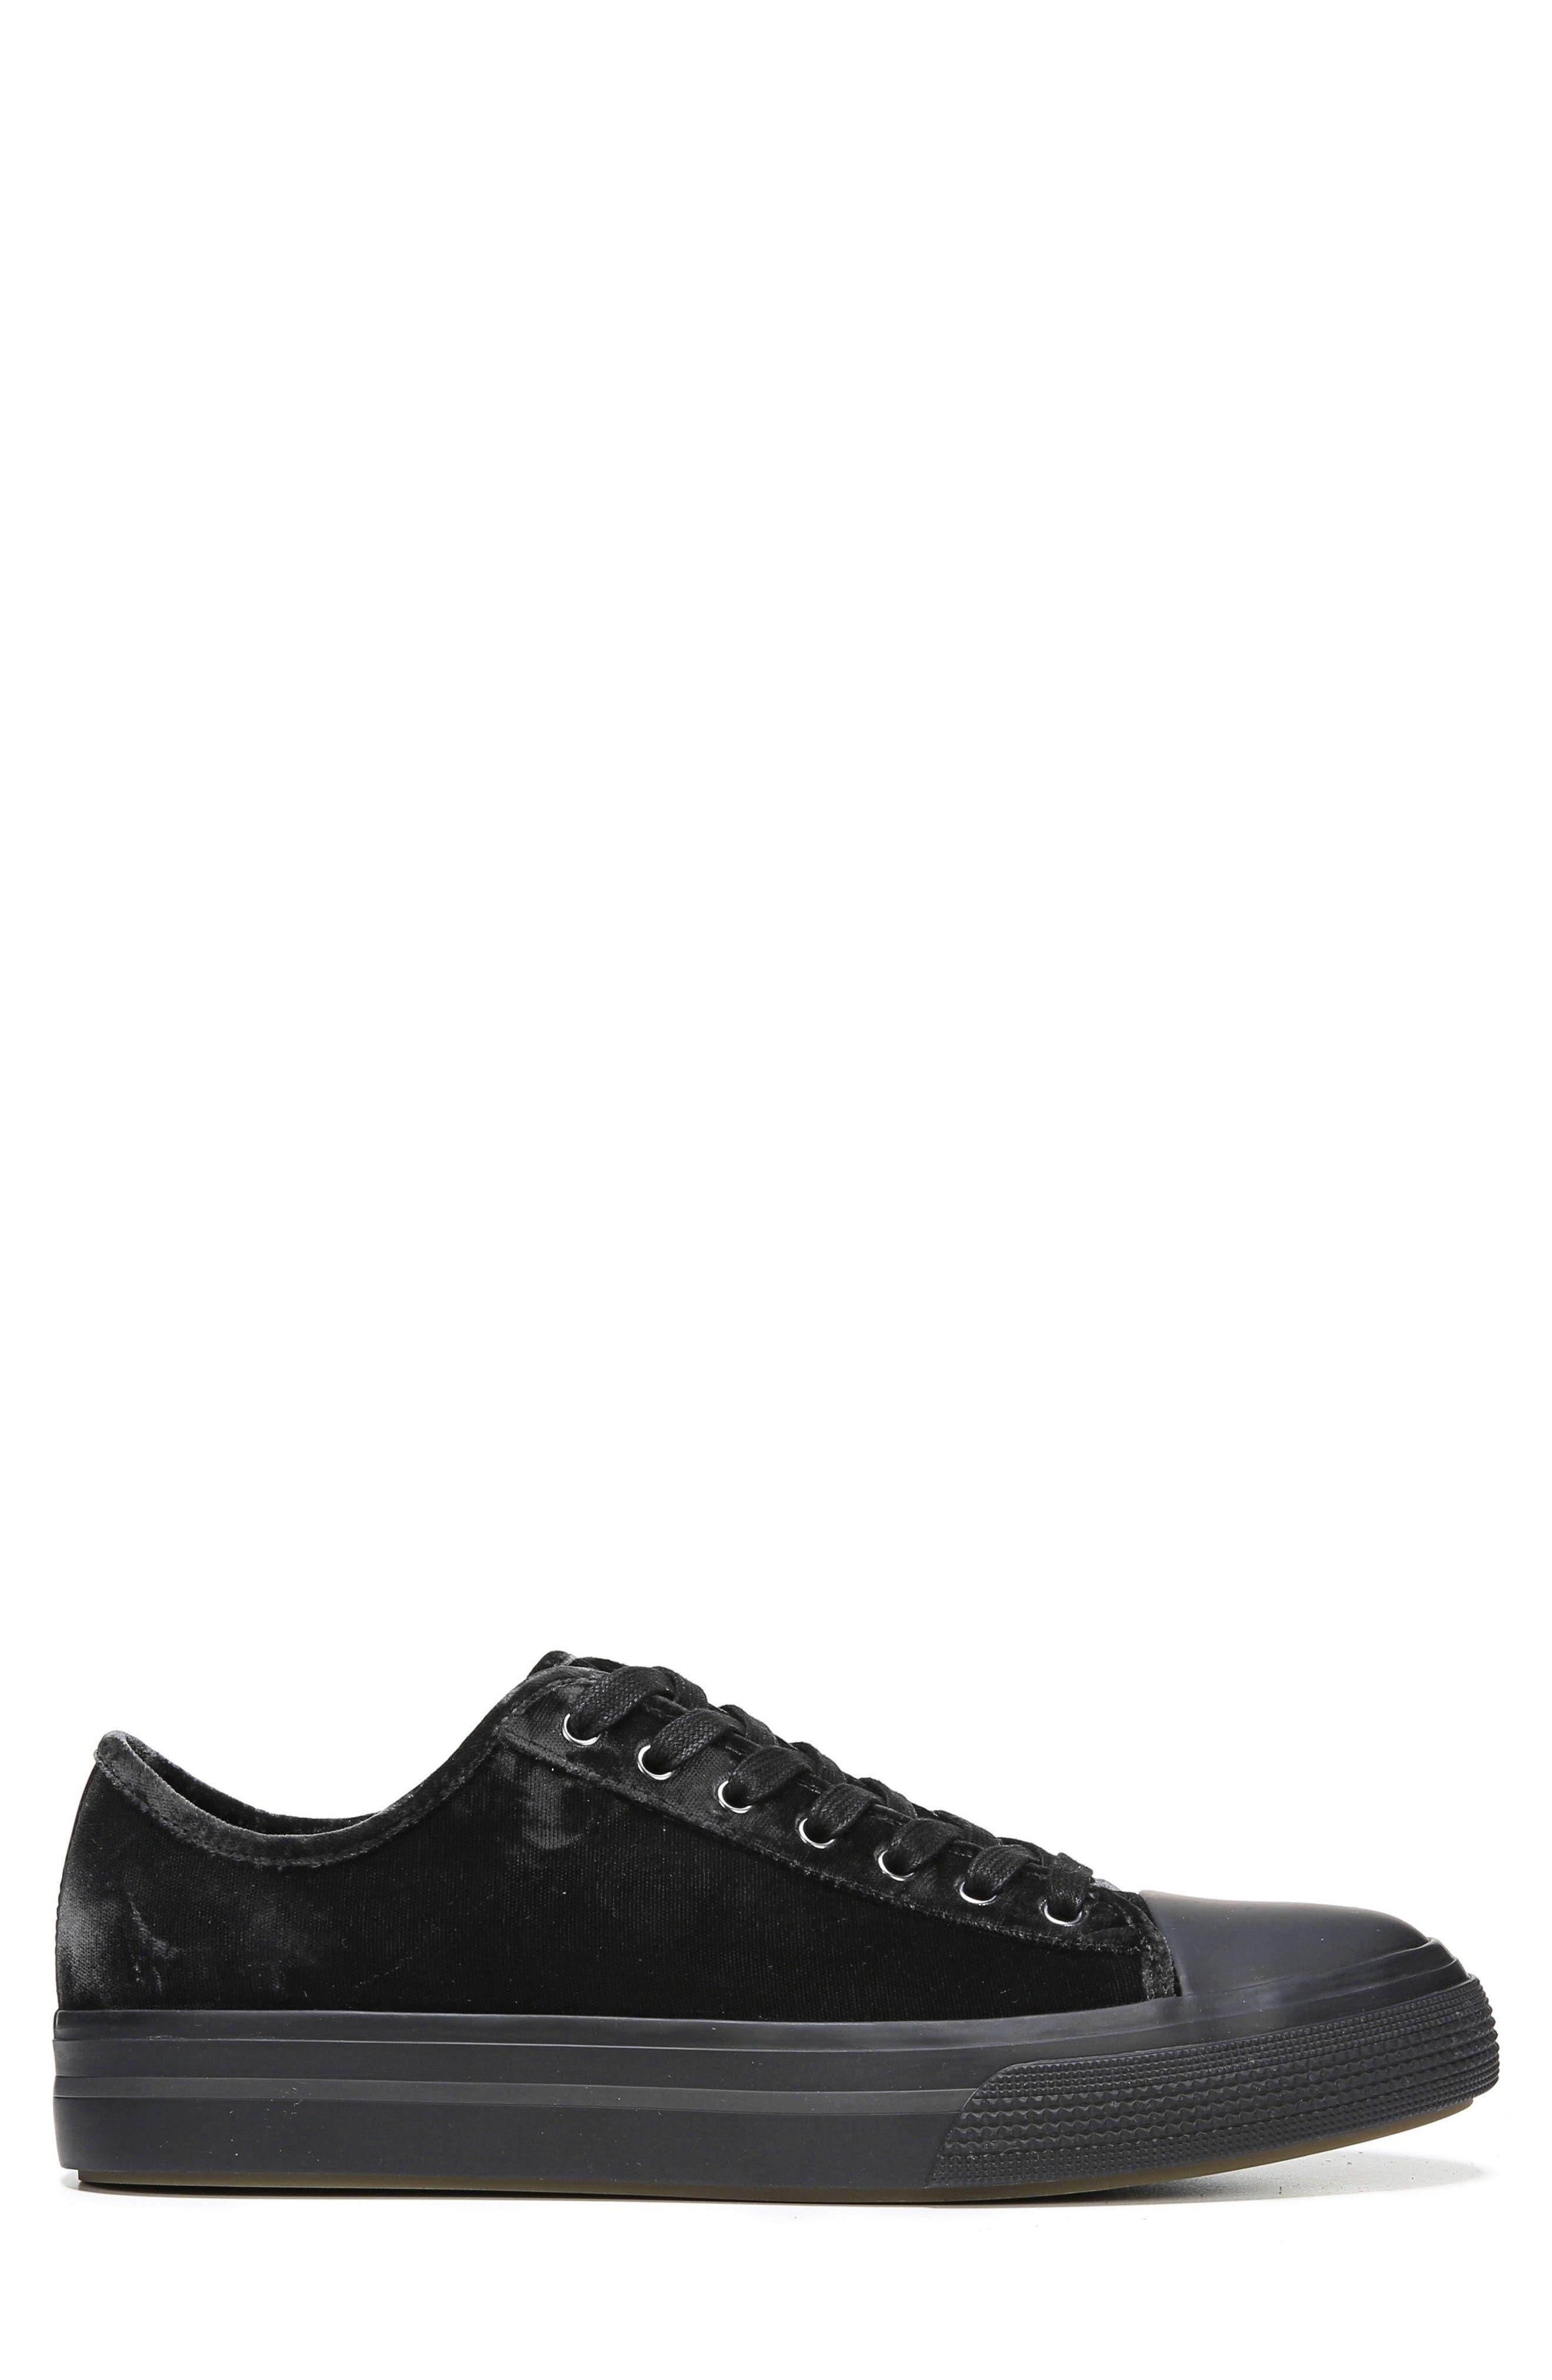 Tiller Sneaker,                             Alternate thumbnail 3, color,                             Graphite/ Black